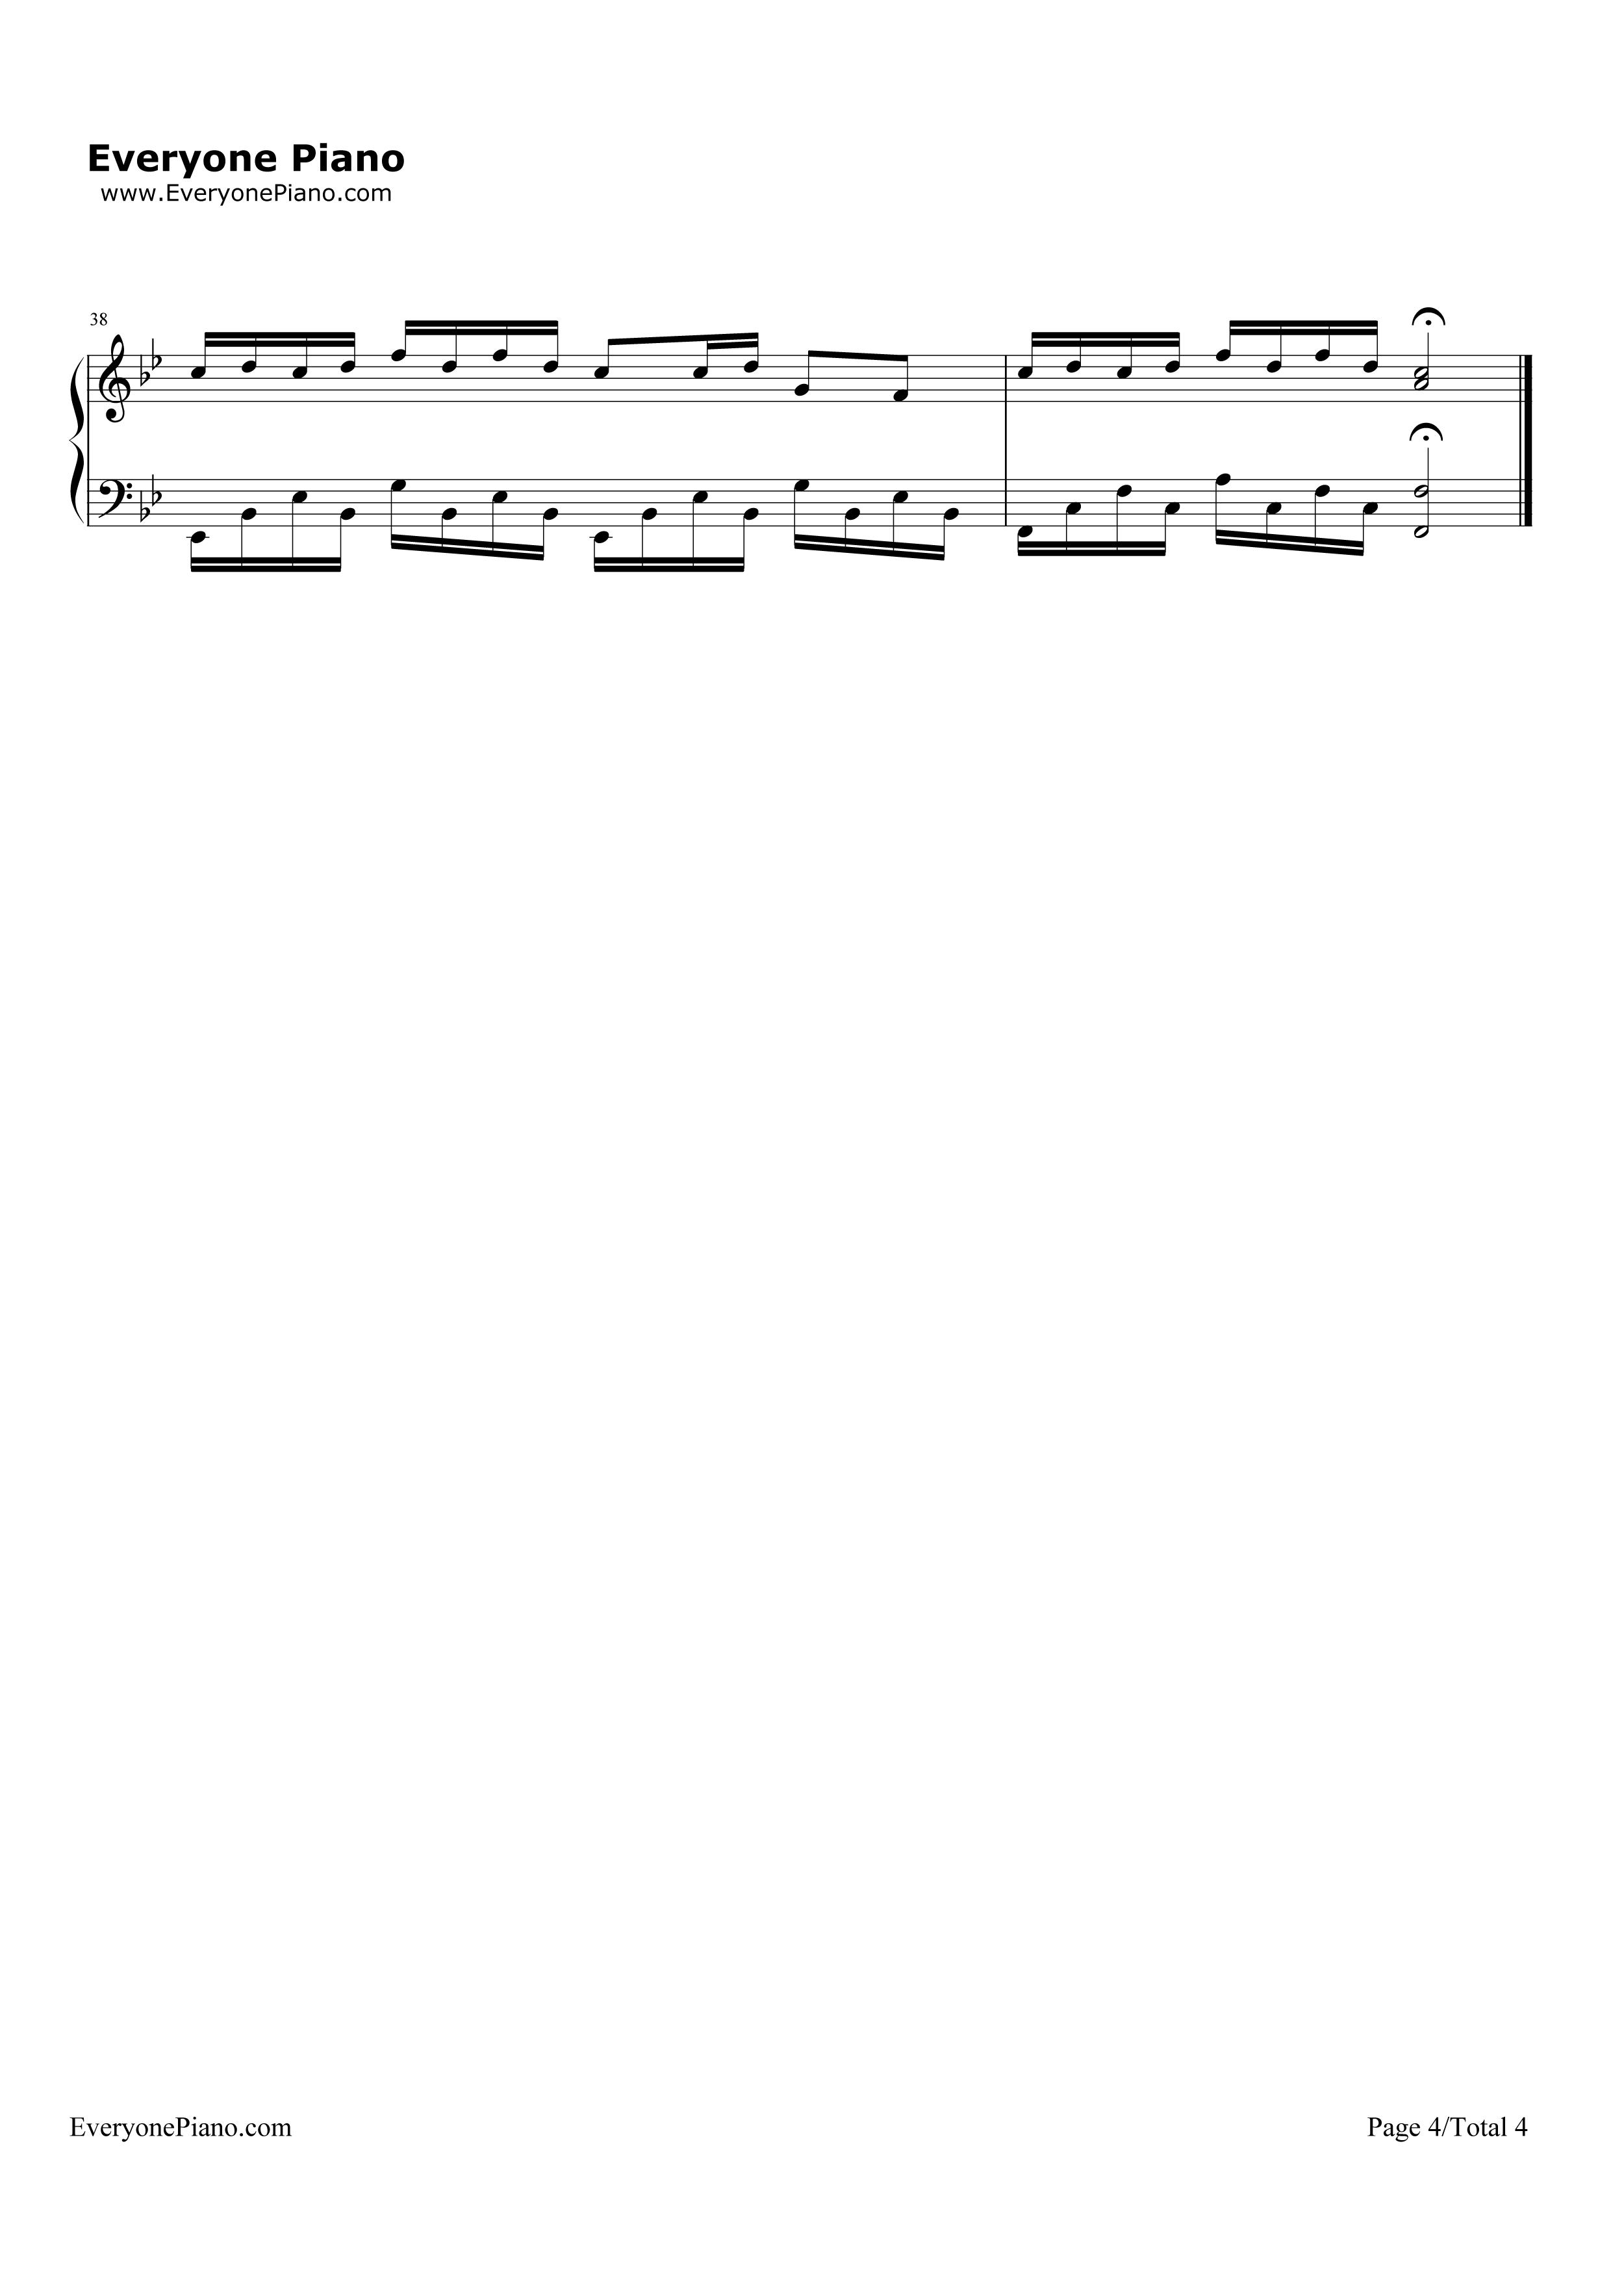 钢琴曲谱 流行 青花瓷(完美演奏版)-周杰伦 青花瓷(完美演奏版)